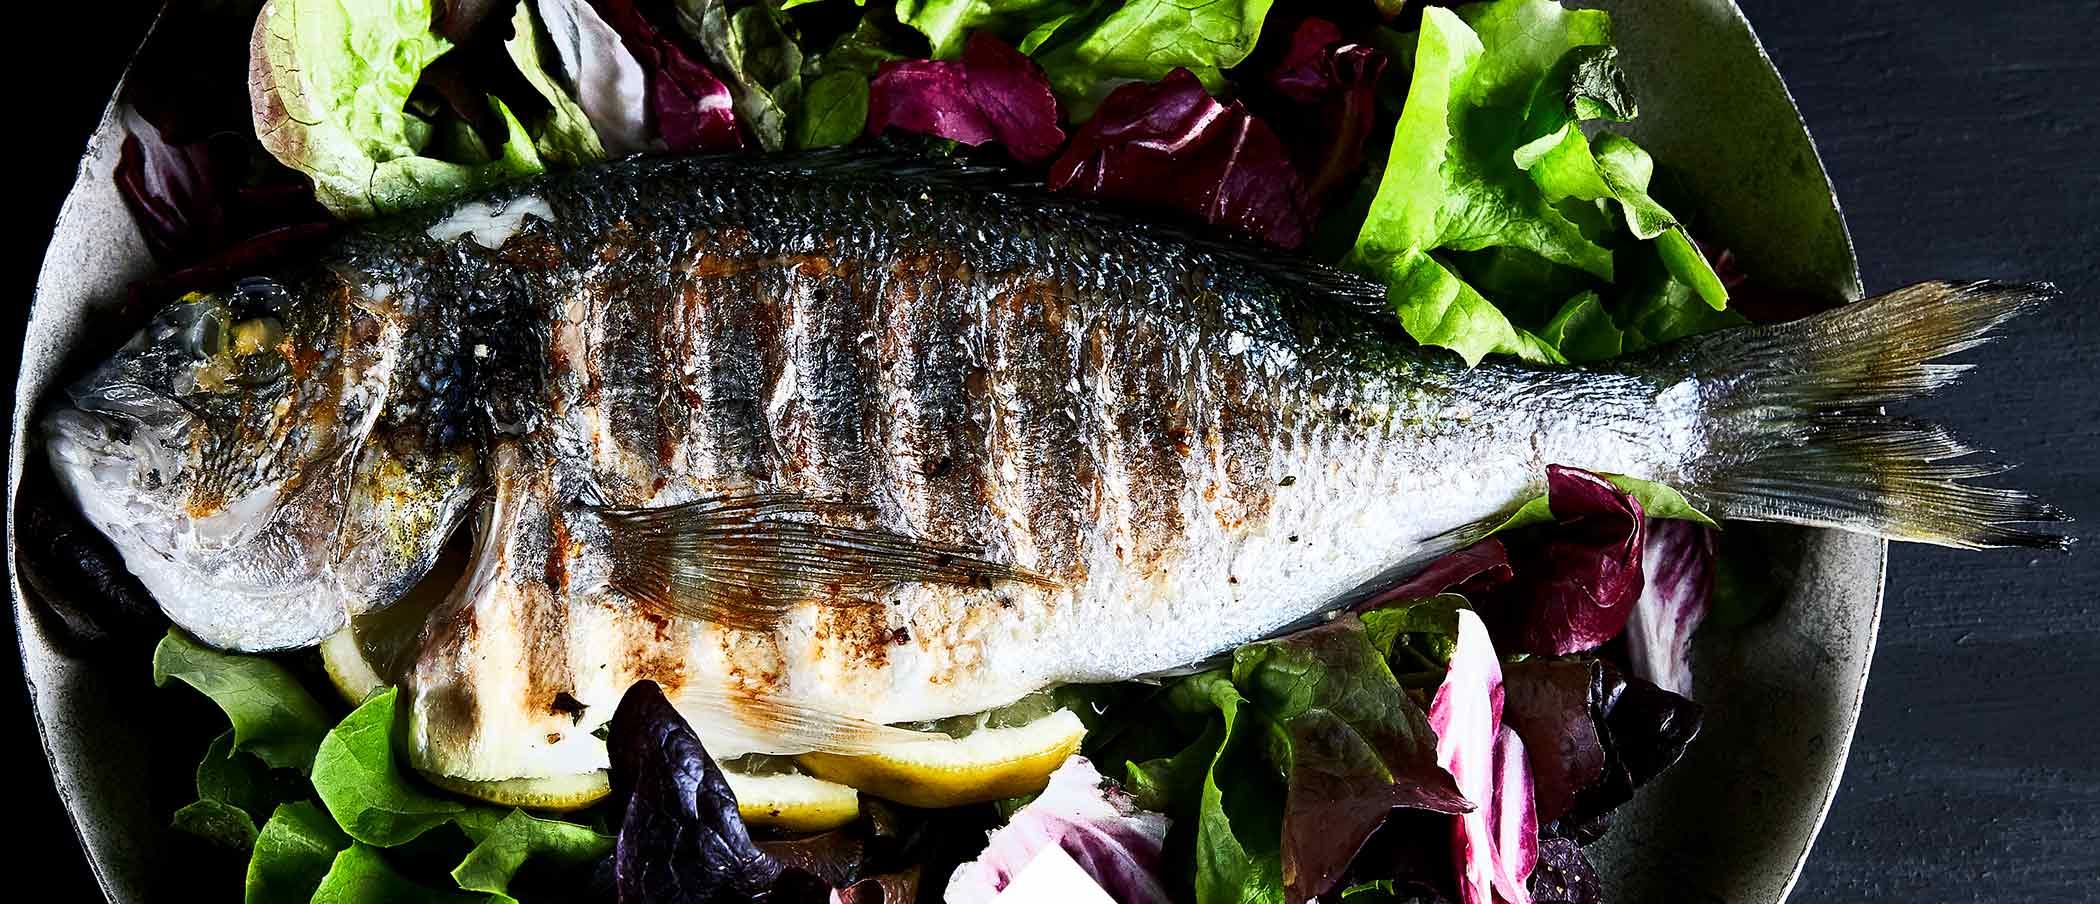 Fisch Grillen Kontaktgrill